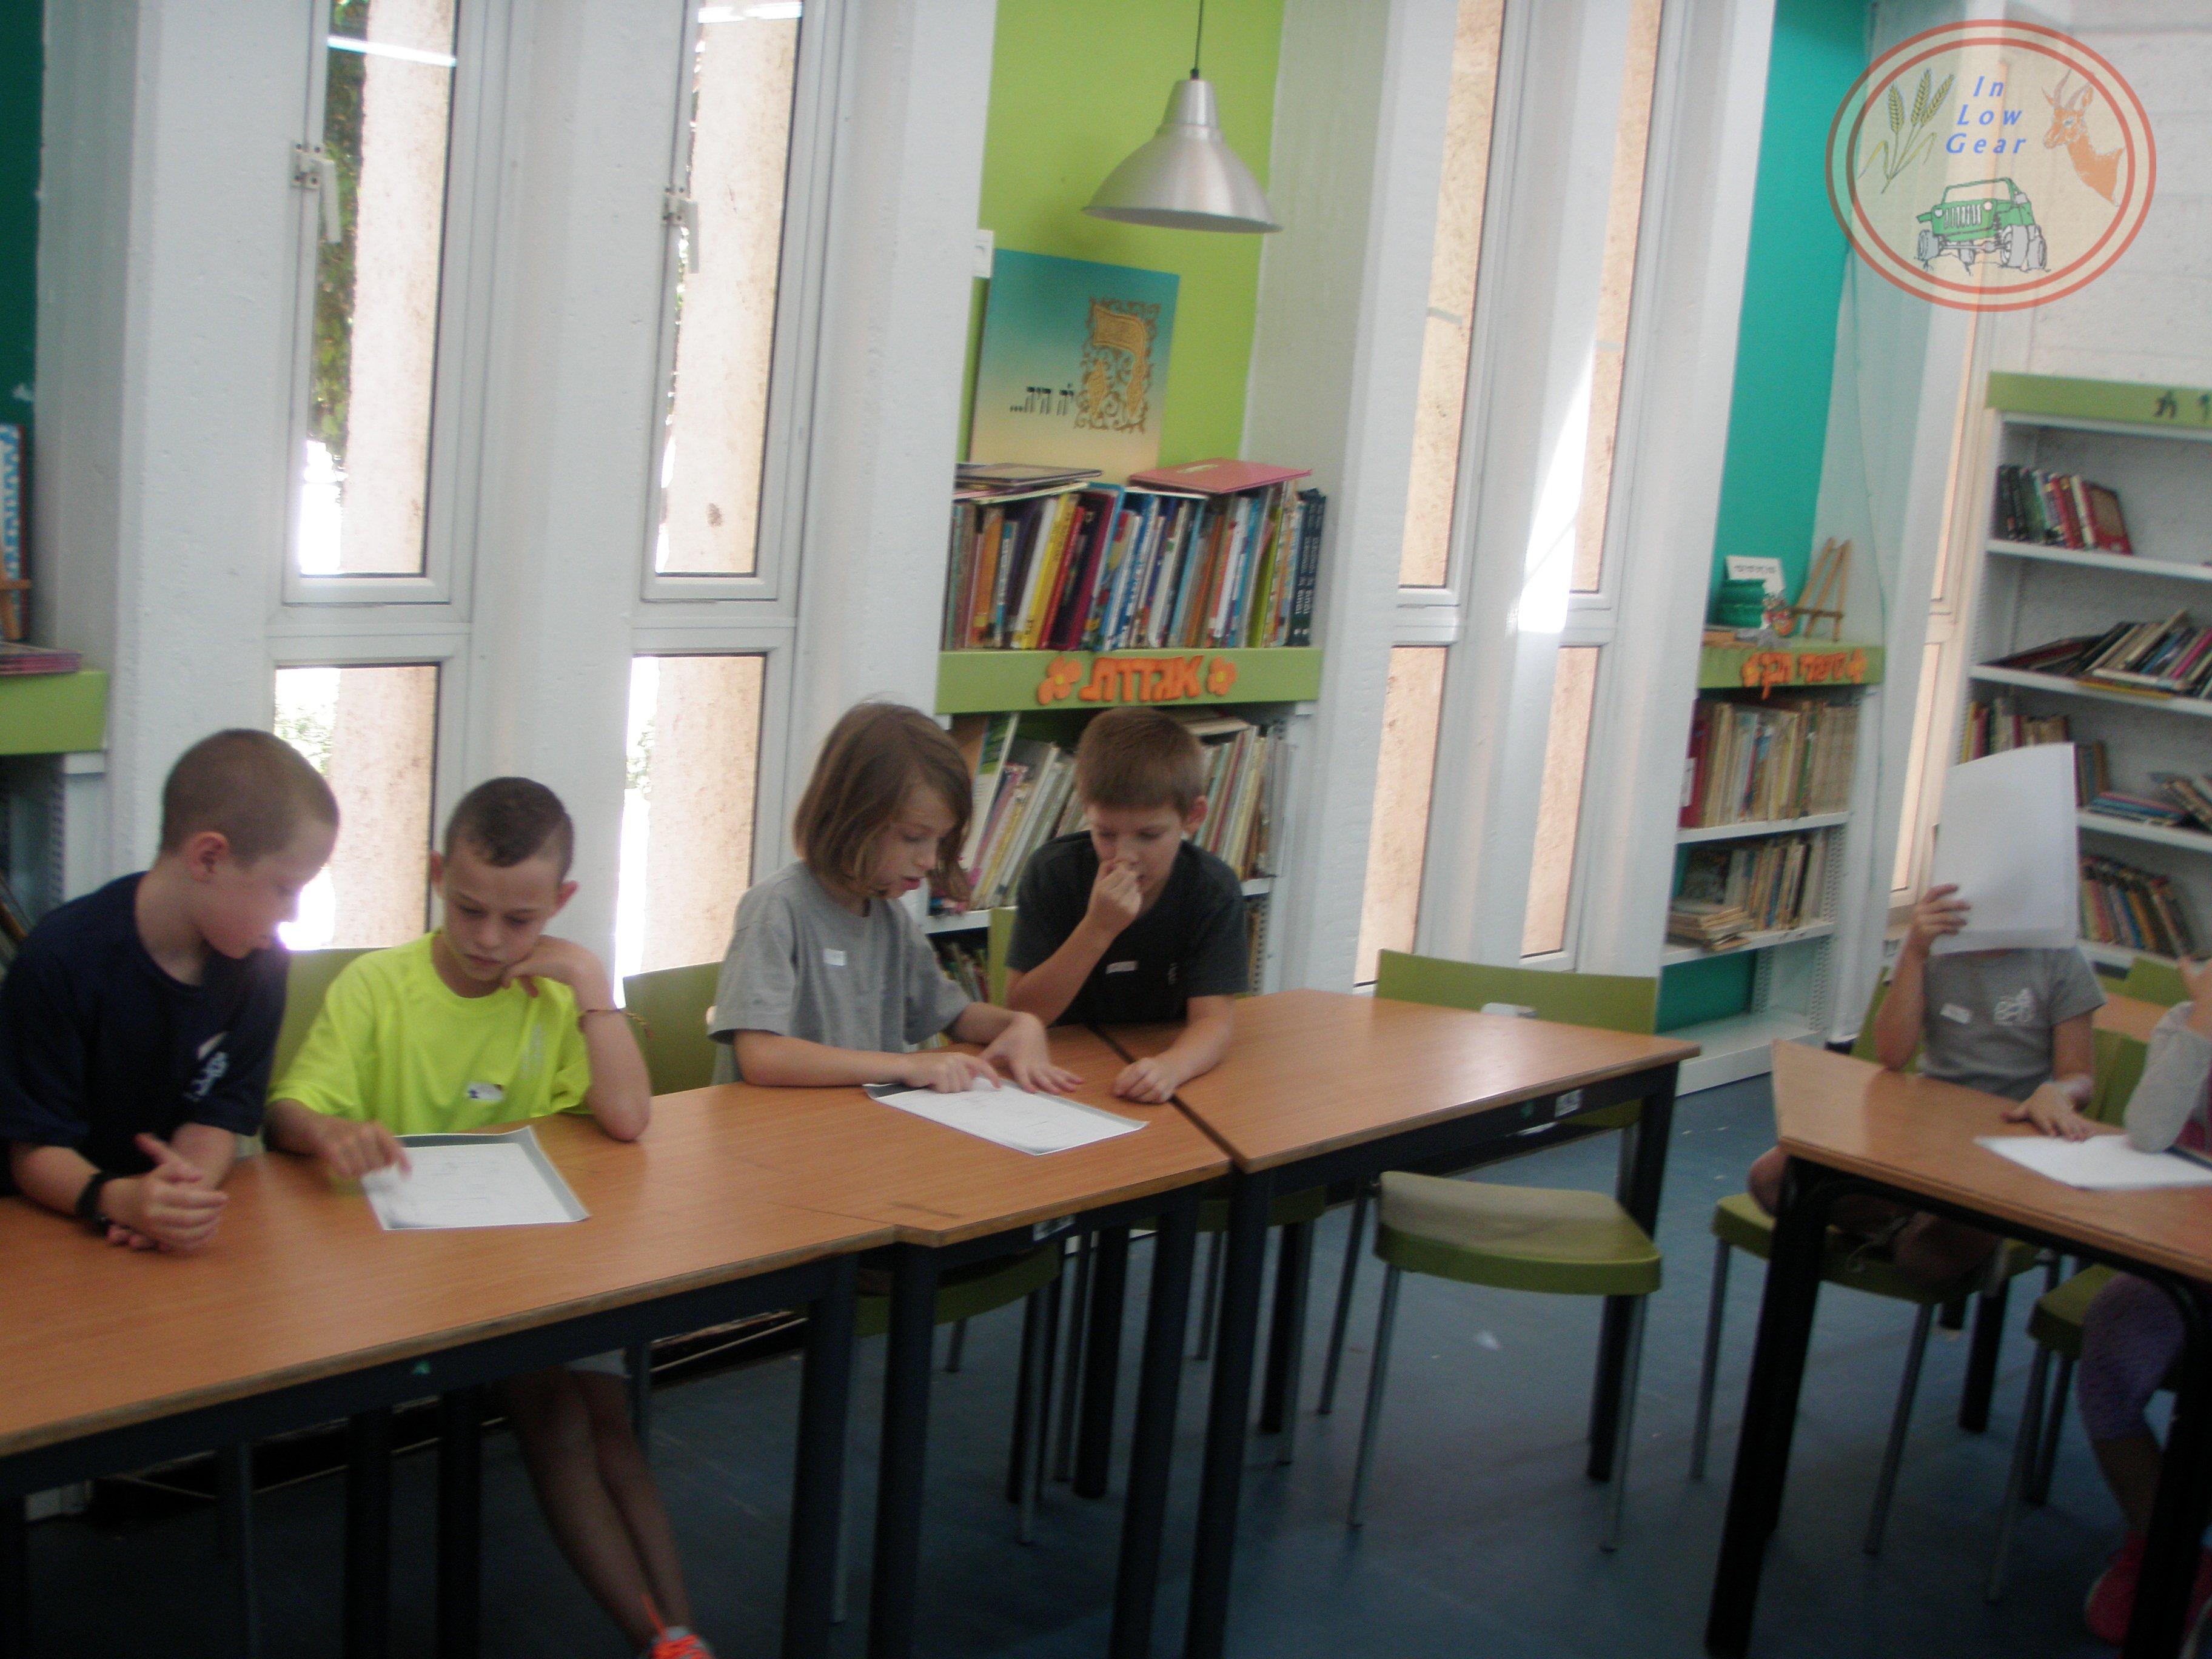 פרמקלצ'ר לילדים: תכנון אסיף נגר עילי